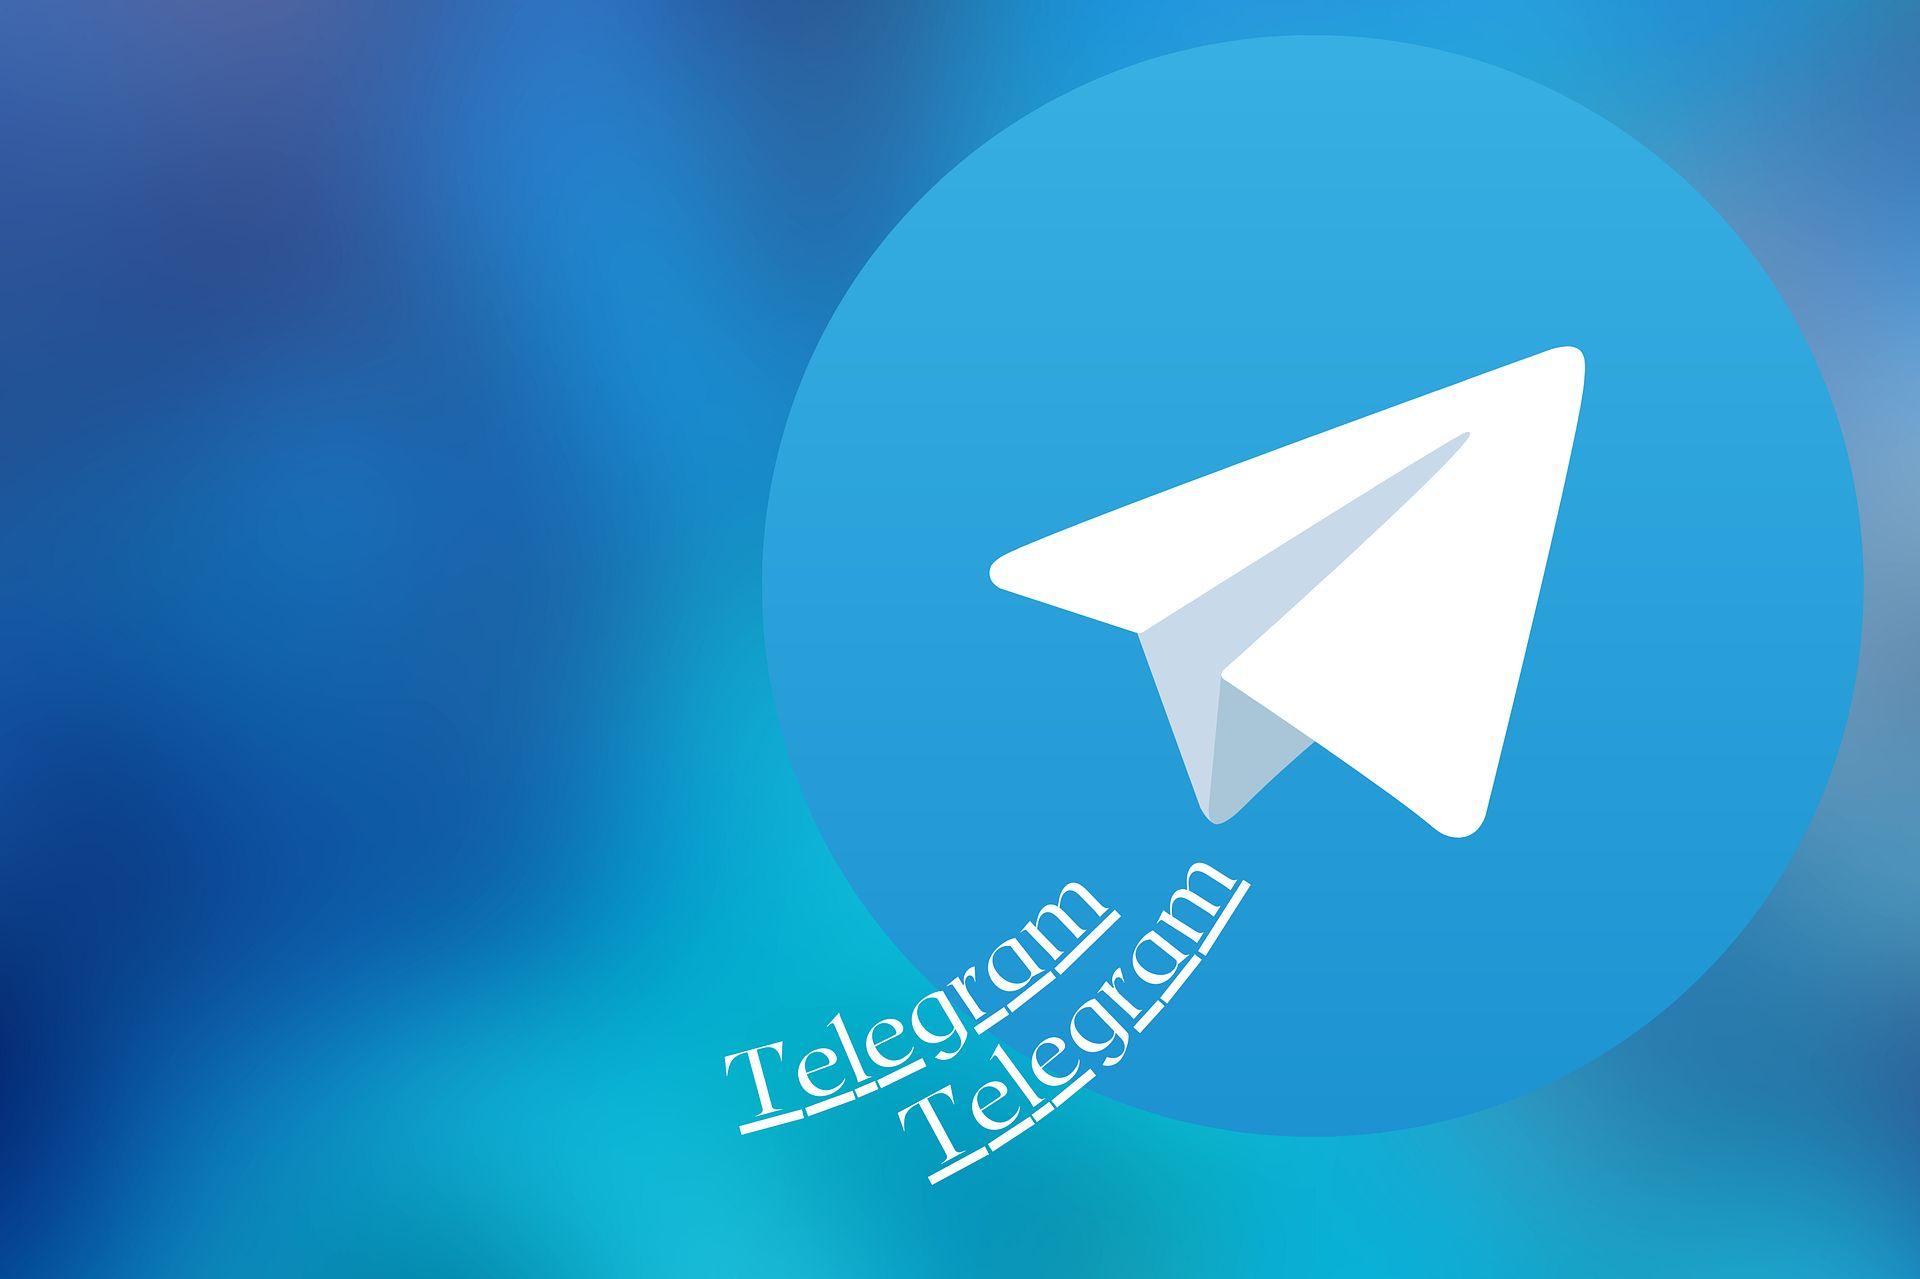 Трояны распространяютчерез <i>Telegram</i>